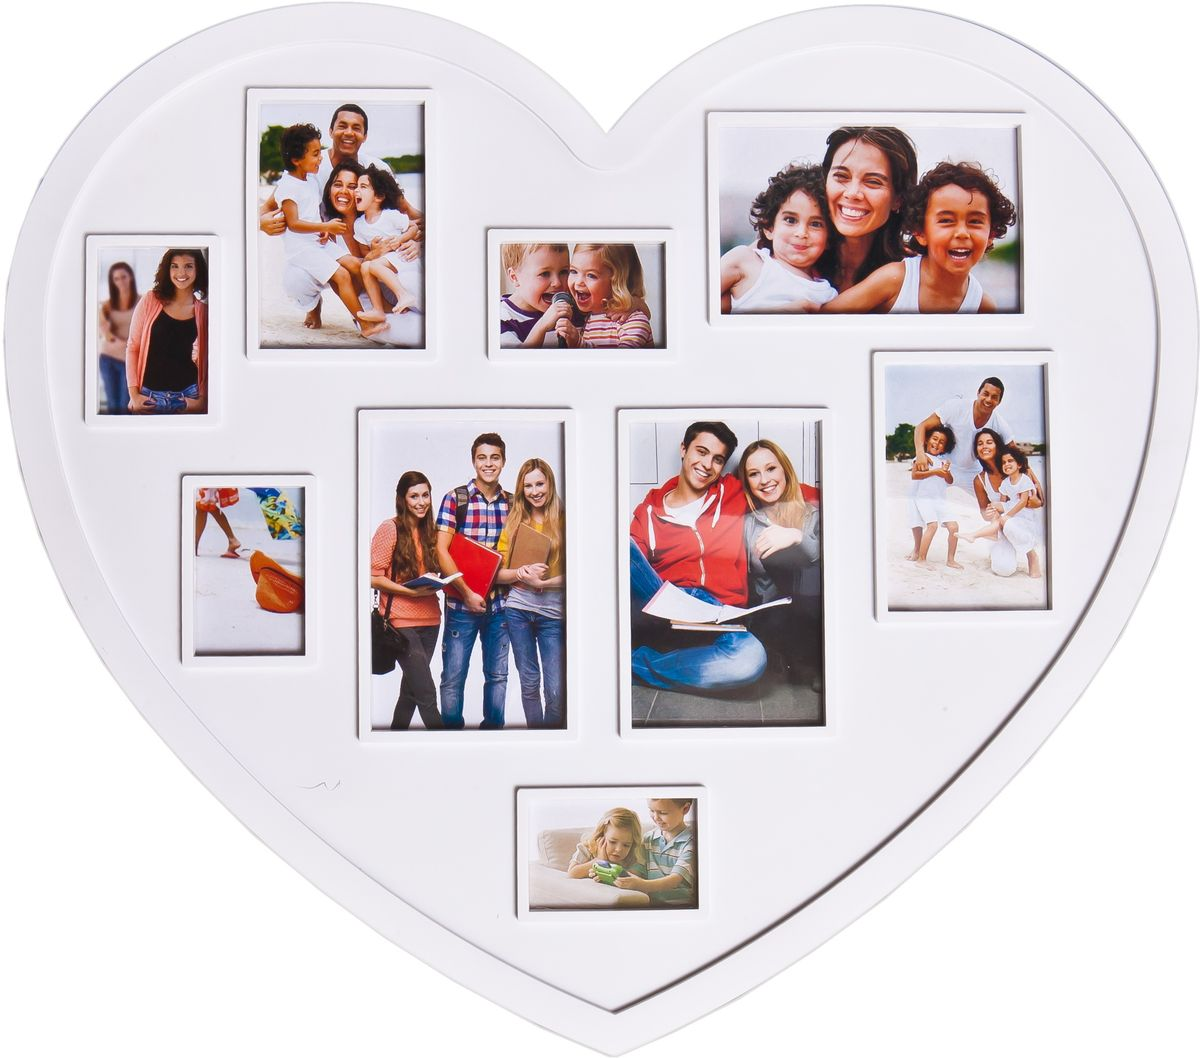 Фоторамка-коллаж Platinum, цвет: белый, 9 фоторамок. BH-2301-WBH-2301-WПластиковый коллаж с 3 фото 10 х 15 см, 2 фото 11 х 8 см, 4 фото 8 х 5 см.